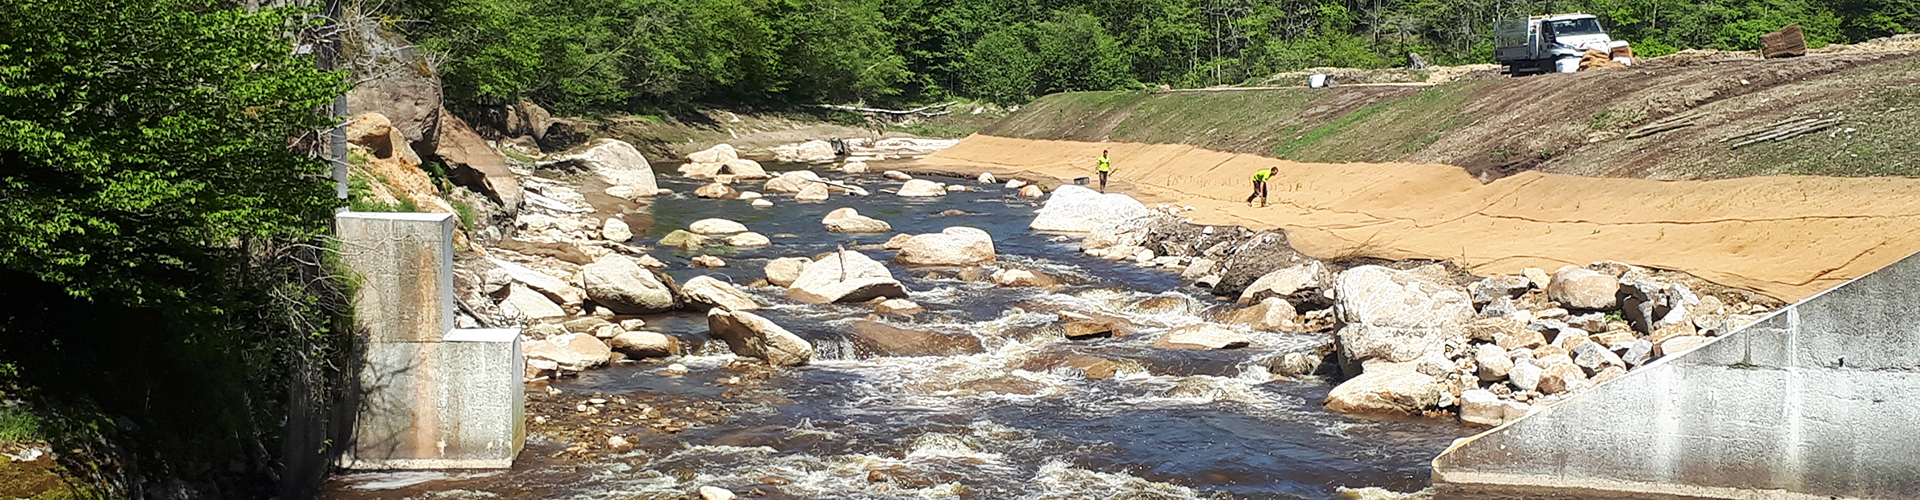 La protection des berges et des cours d'eau